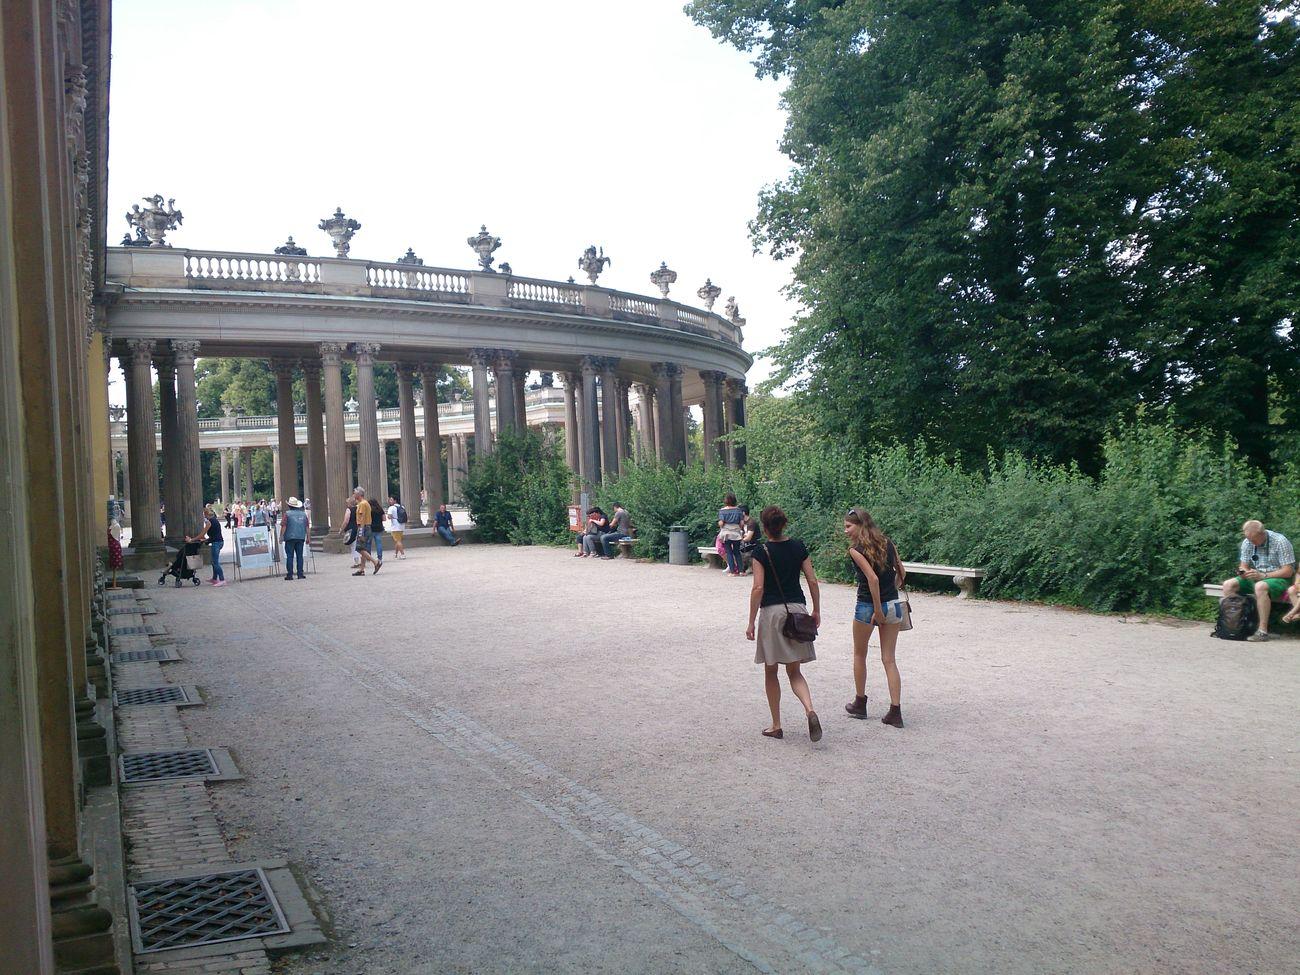 En los Alrrededores de otro de los Palacios  que hay en la Ciudad De Potsdam en Berlin